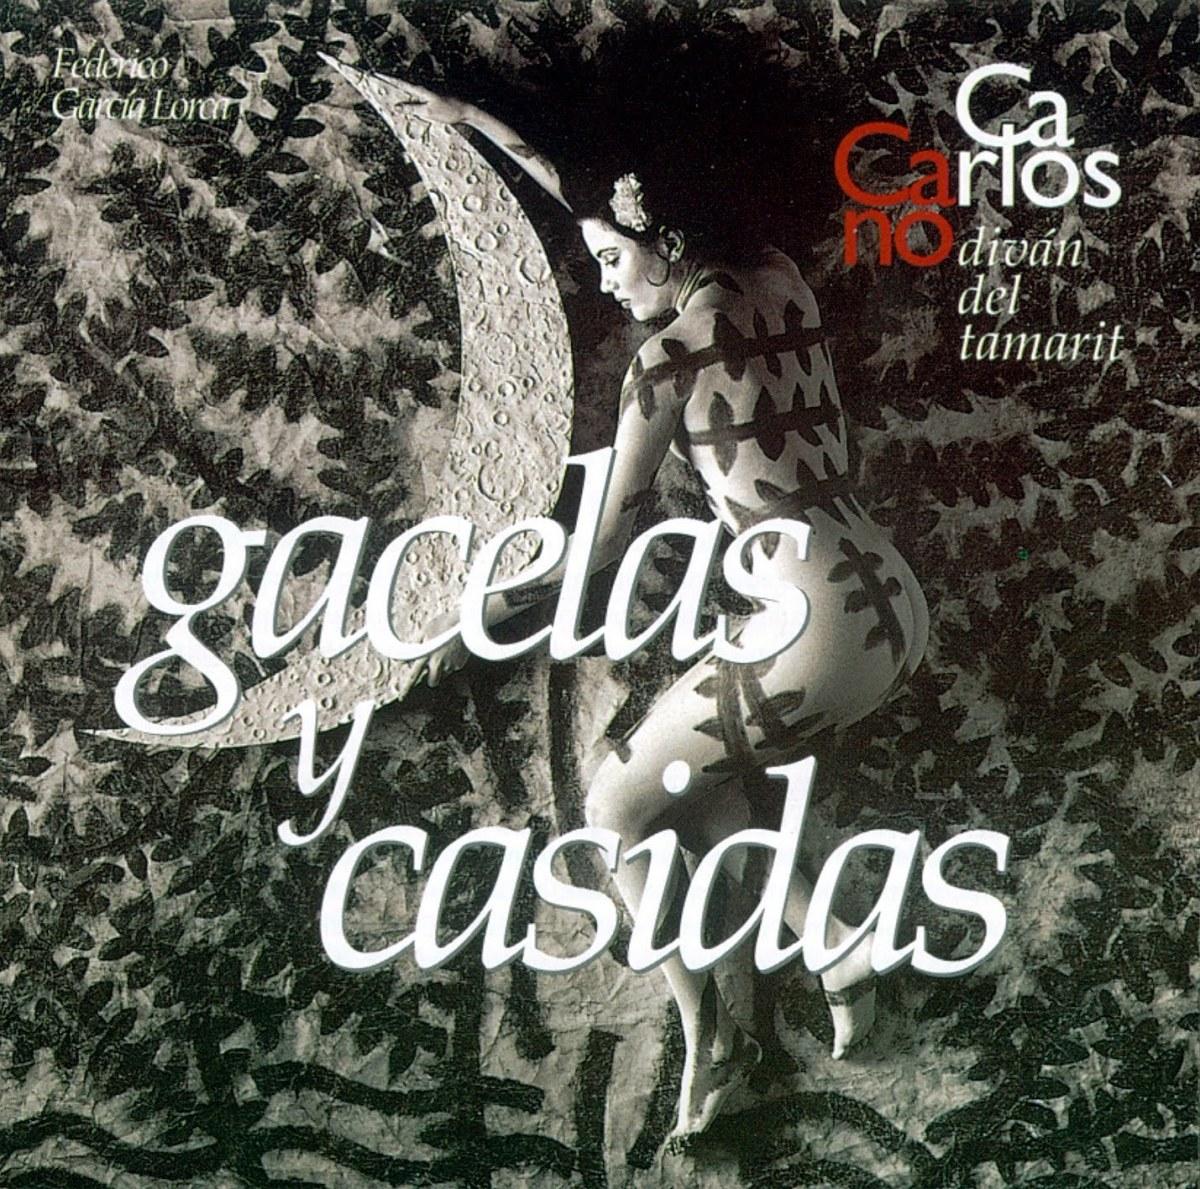 Diván del Tamarit (1998) - Gacelas y Casidas